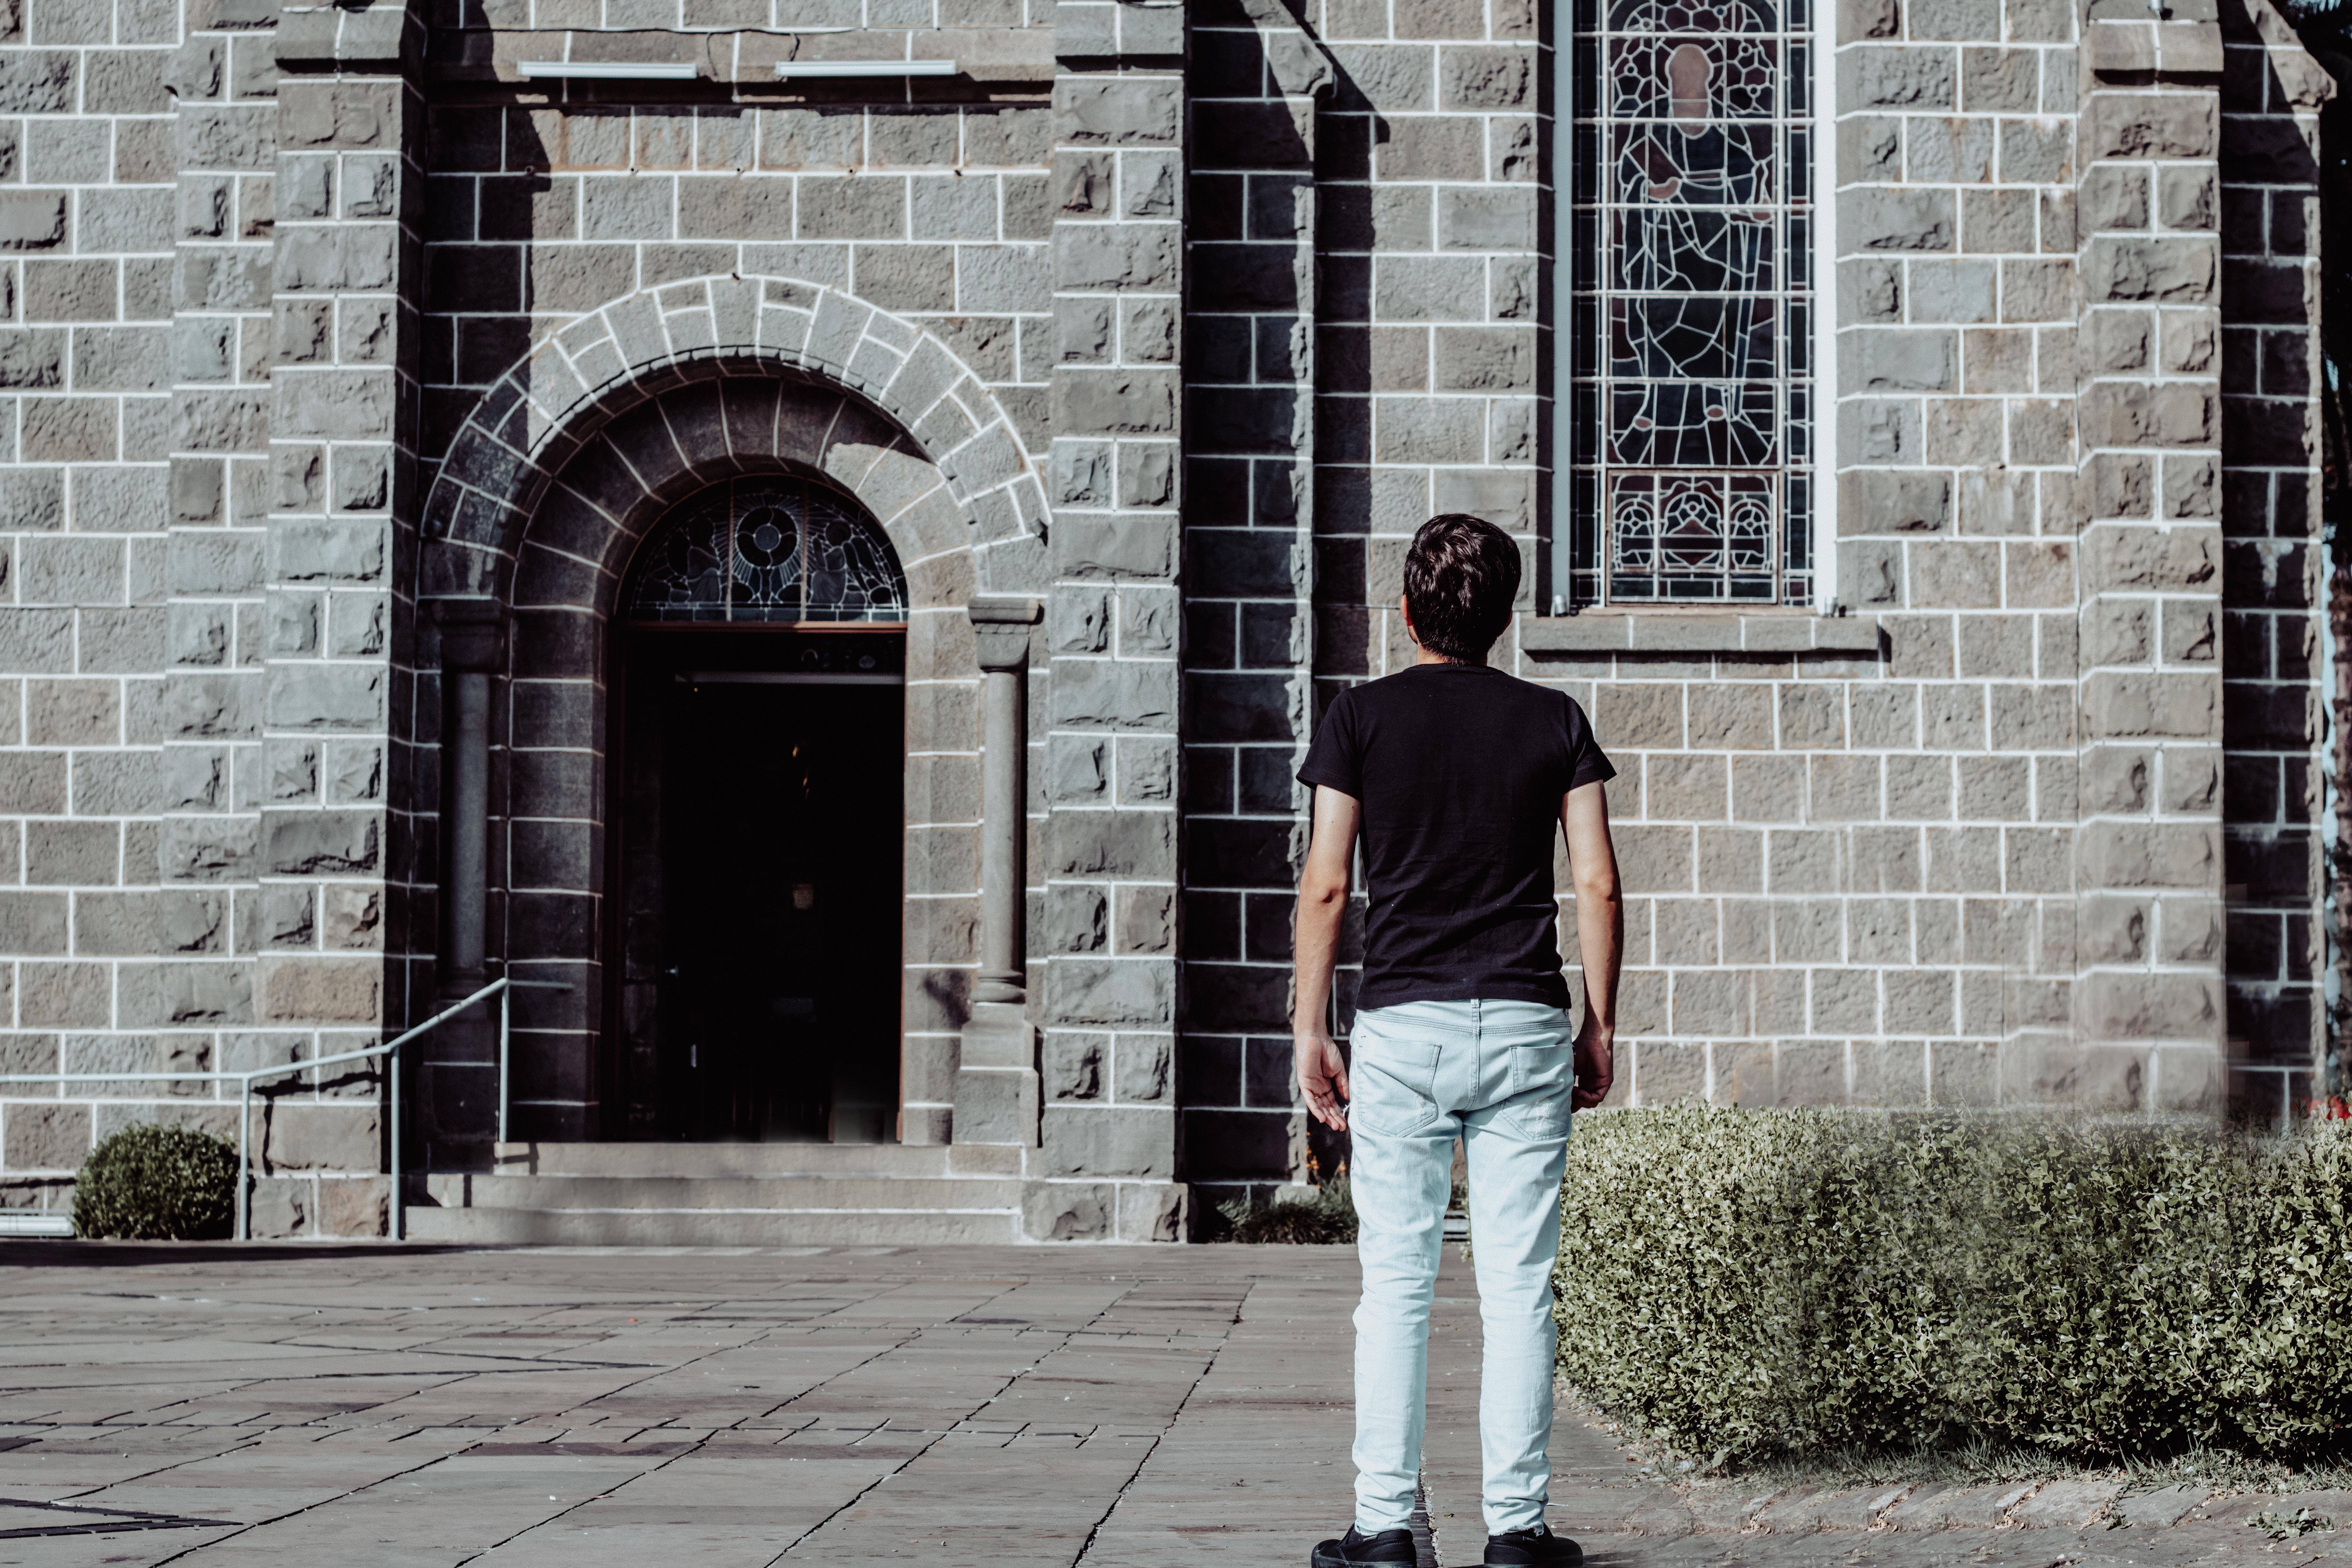 Procurando uma igreja